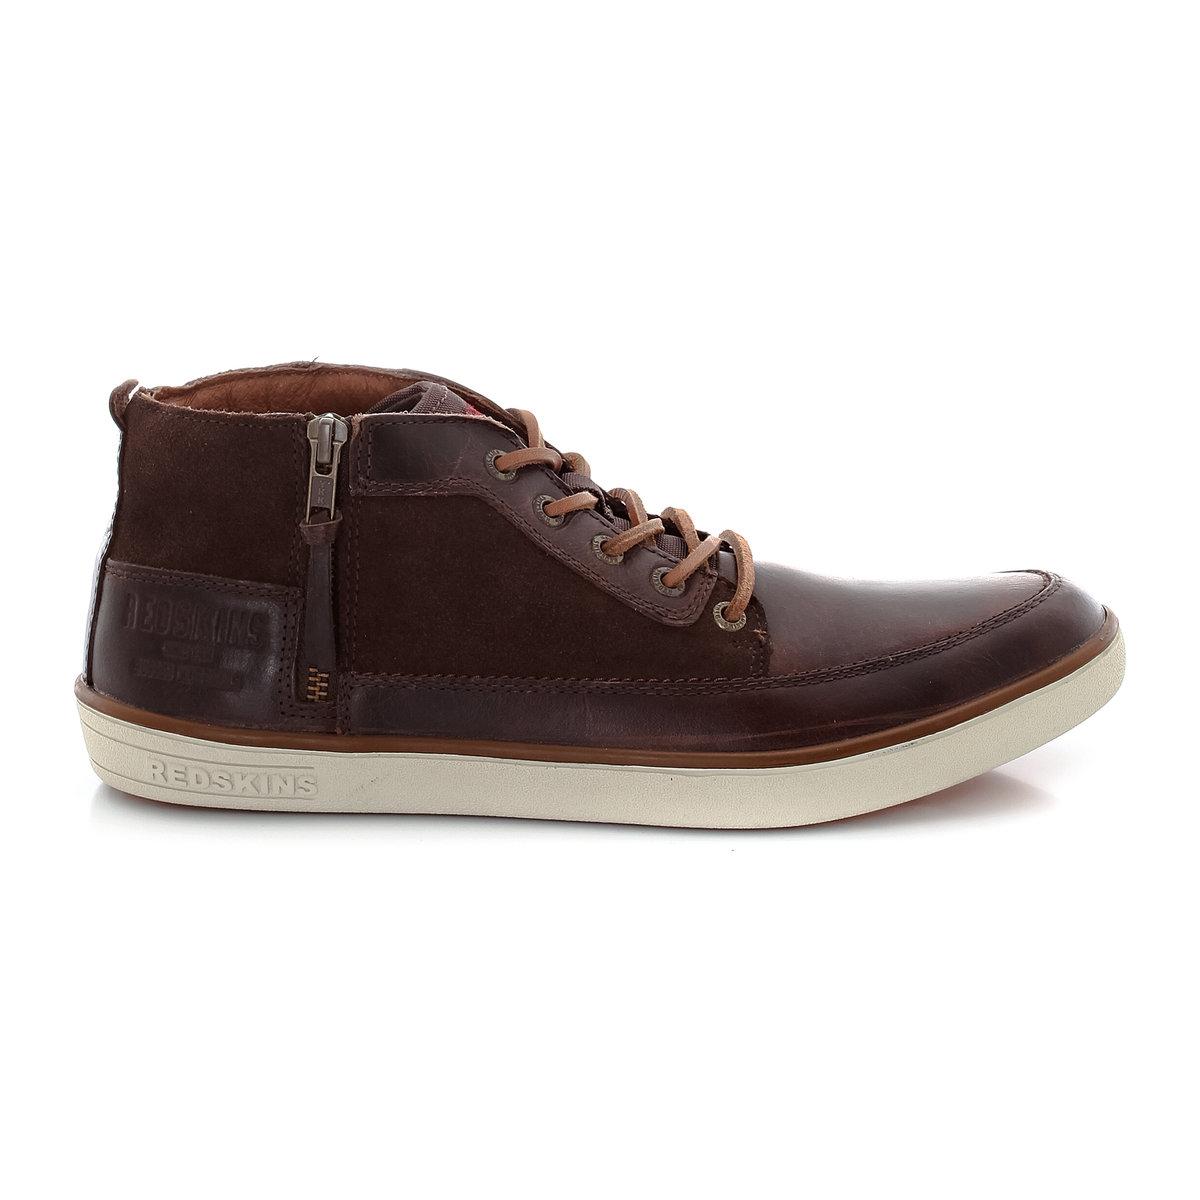 Ботинки из коровьей кожи DardarЯркие и стильные кожаные ботинки с застежкой на молнию сбоку. Невероятно удобные и практичные<br><br>Цвет: каштановый<br>Размер: 41